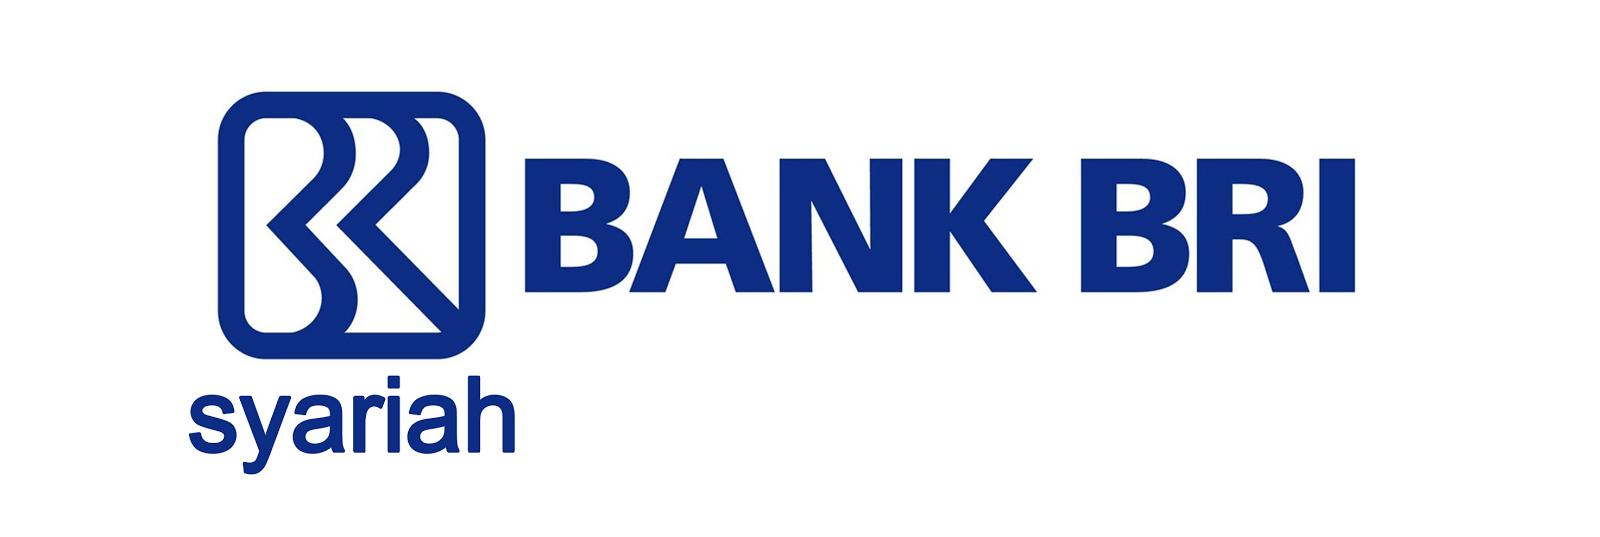 Lowongan kerja lowongan kerja terbaru bank bri syariah pt bank bri